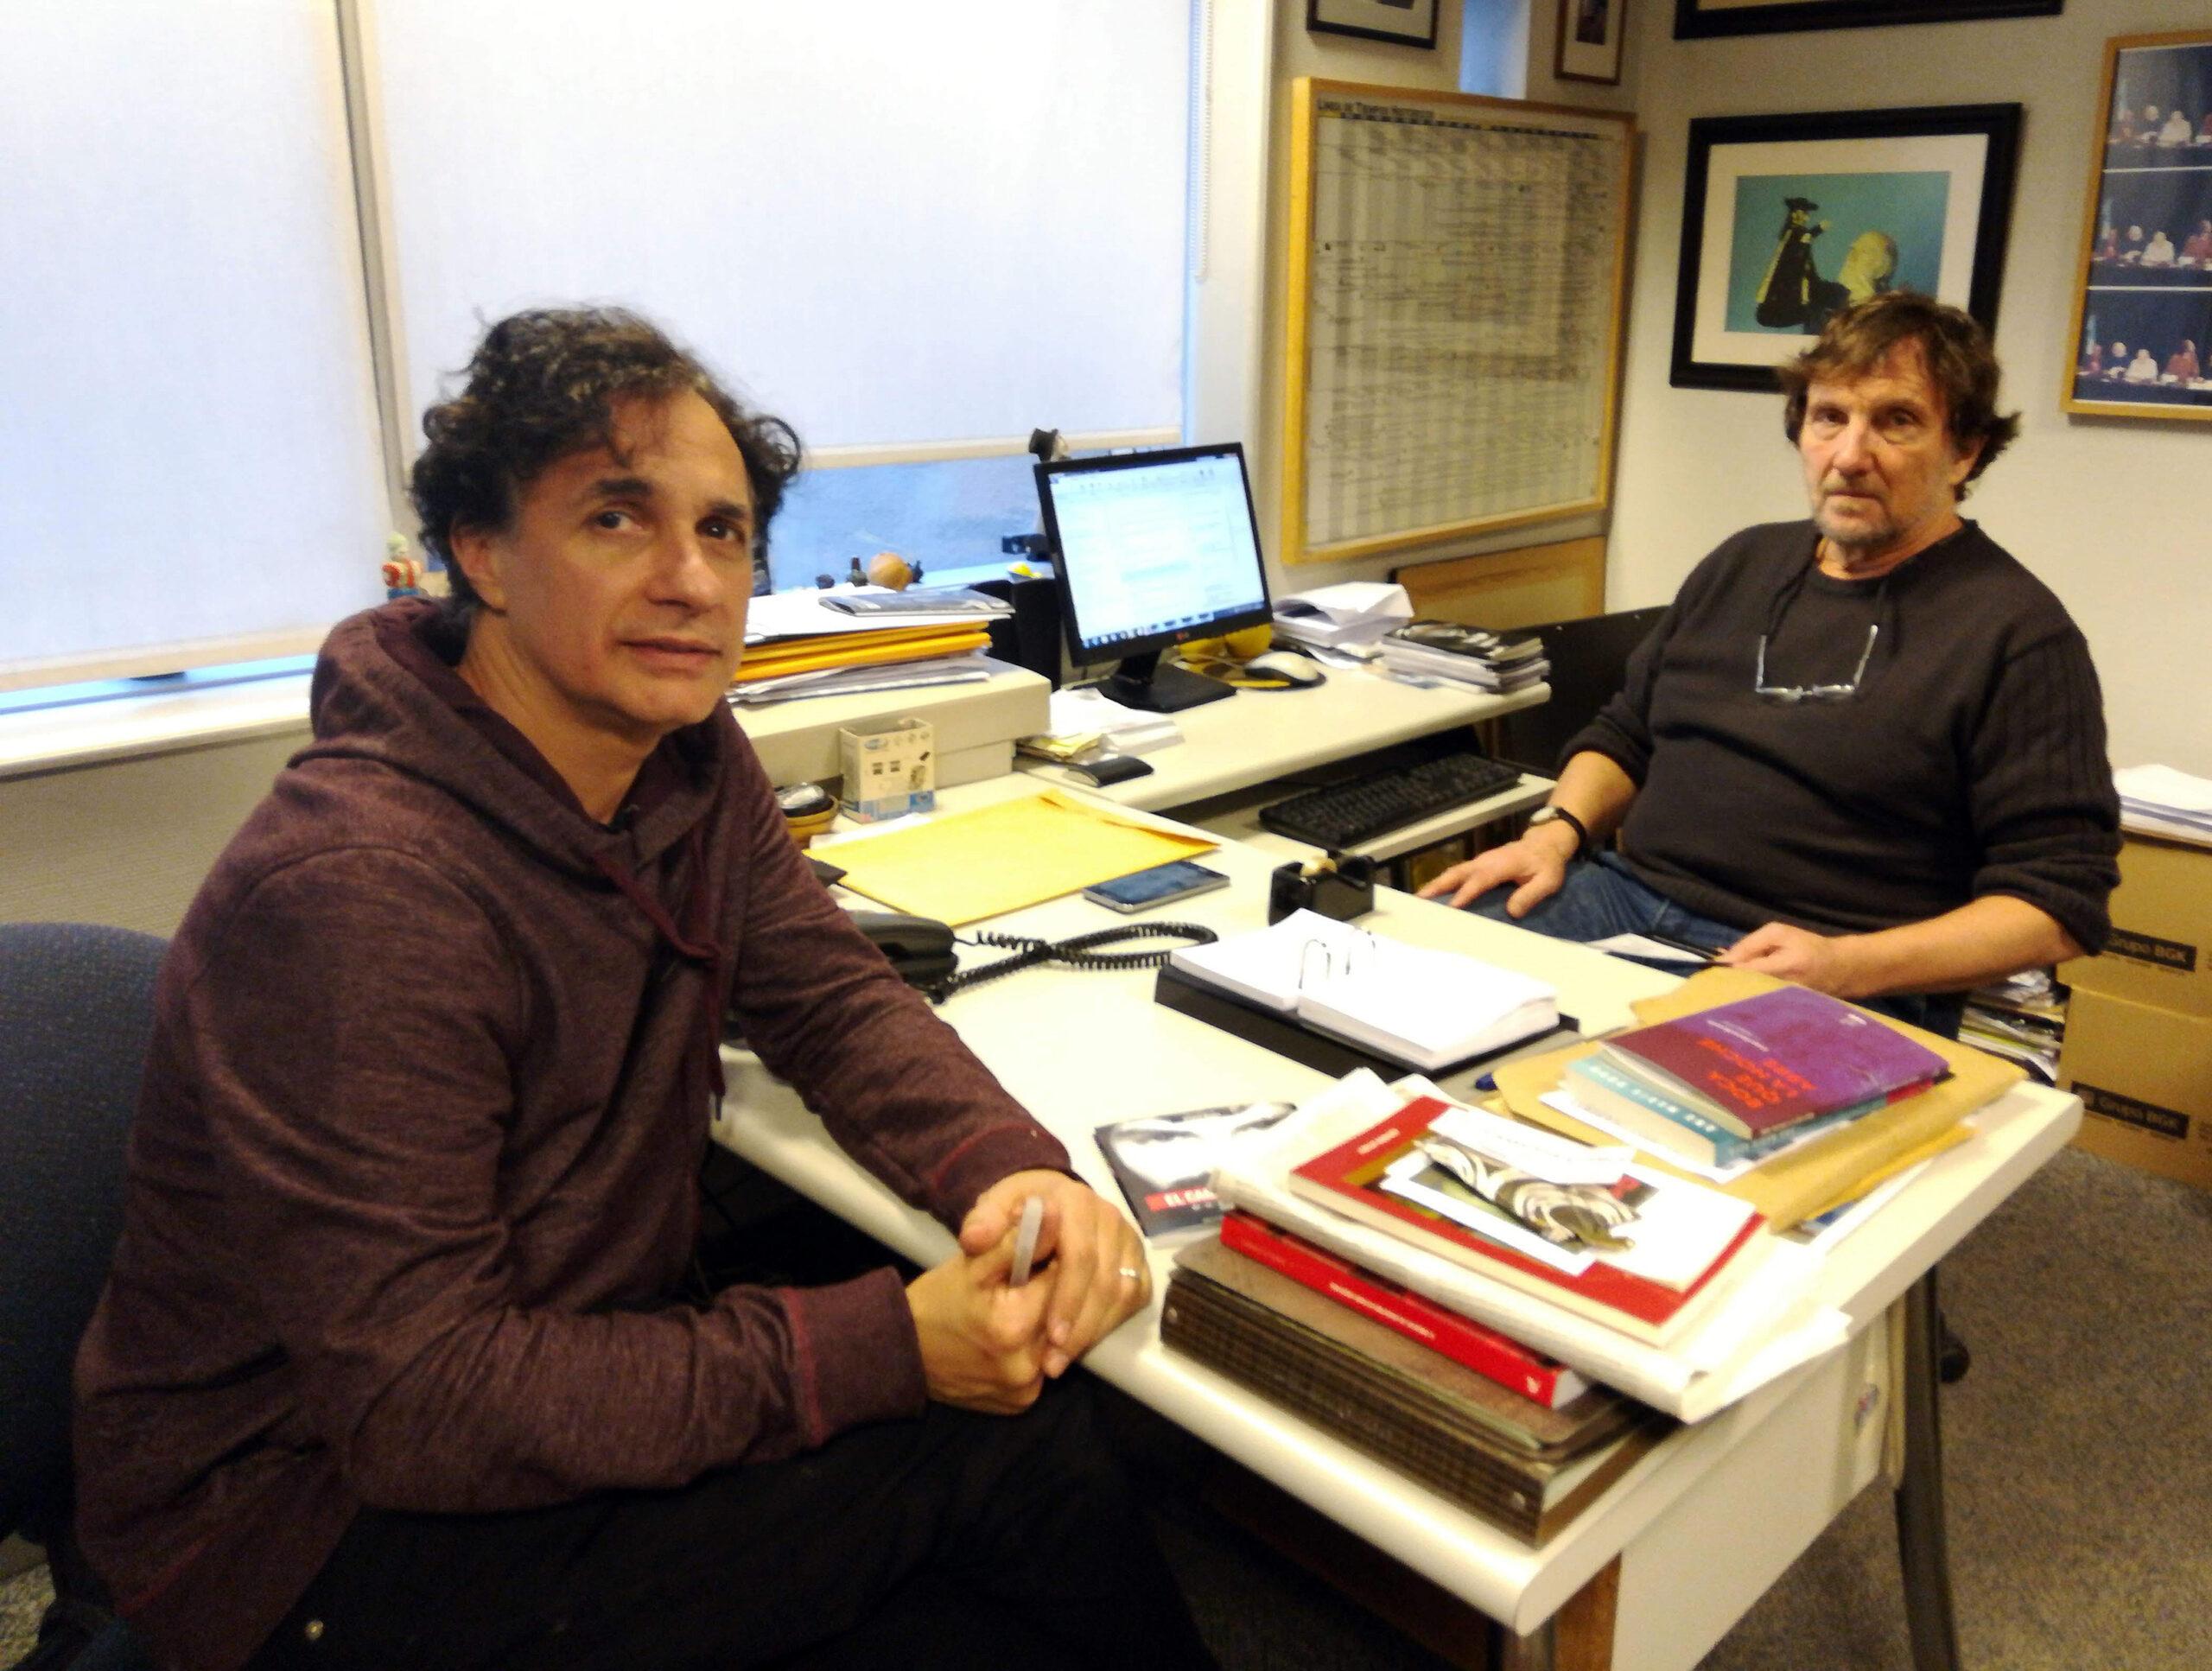 Pablo Silva y Juano Villafañe en el Centro Cultural de la Cooperación.